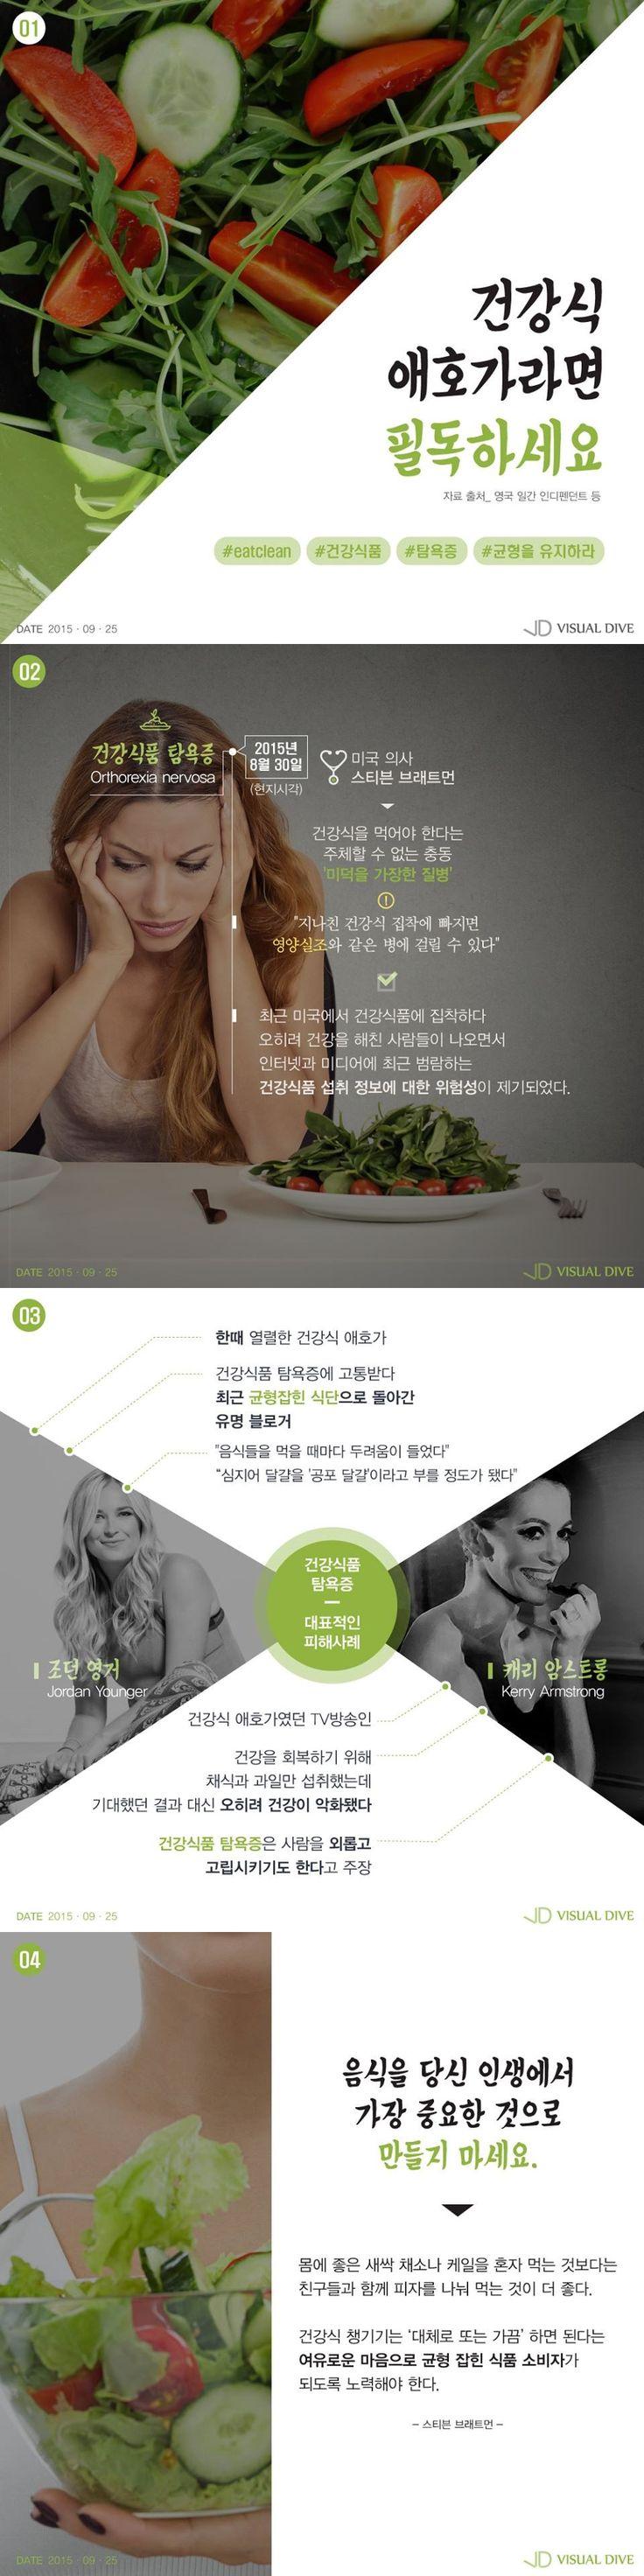 과도한 건강식, 건강 해칠 수 있다? [인포그래픽] #FOOD / #Infographic ⓒ 비주얼다이브 무단 복사·전재·재배포 금지